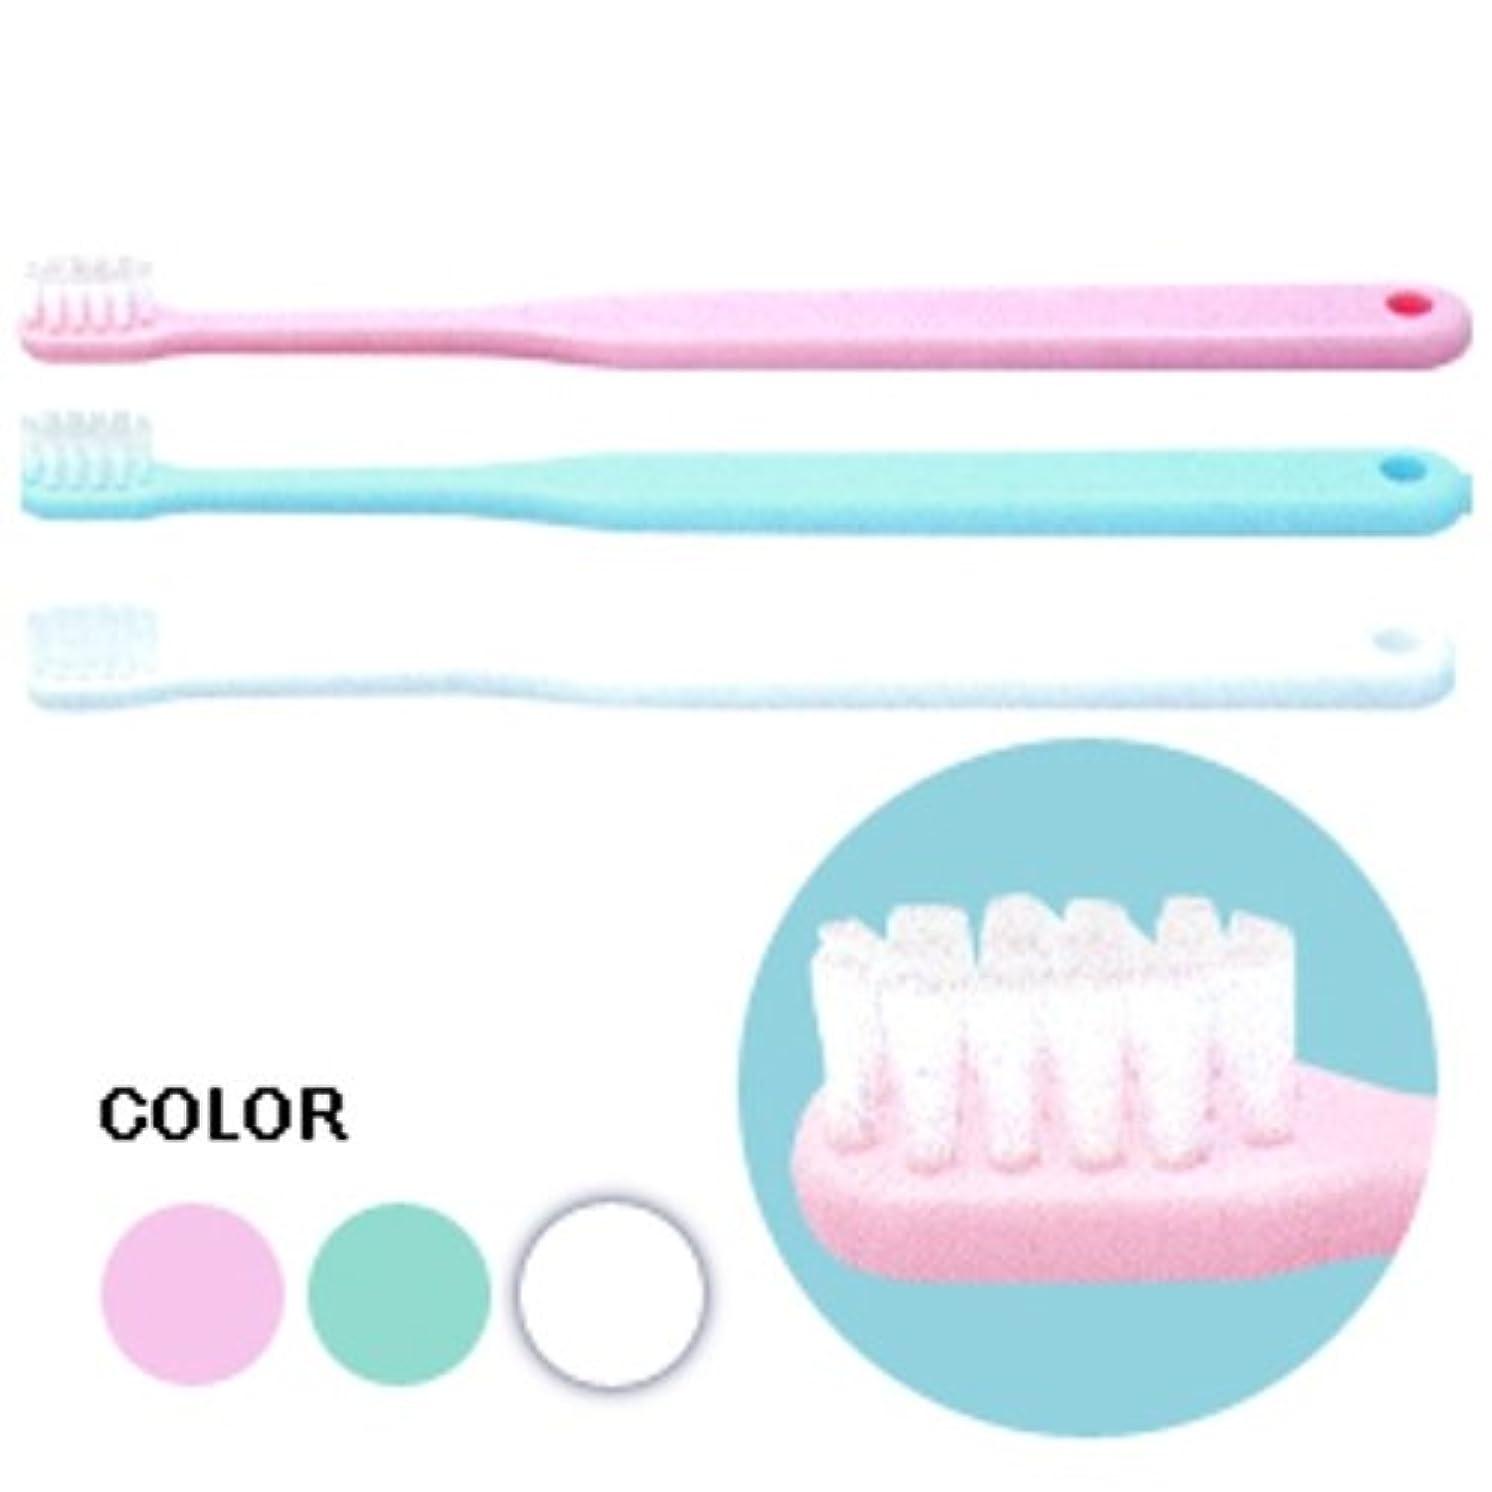 増幅するすりクライマックスCiメディカル 歯ブラシ Ci602 仕上げ磨き用 × 3本 アソート